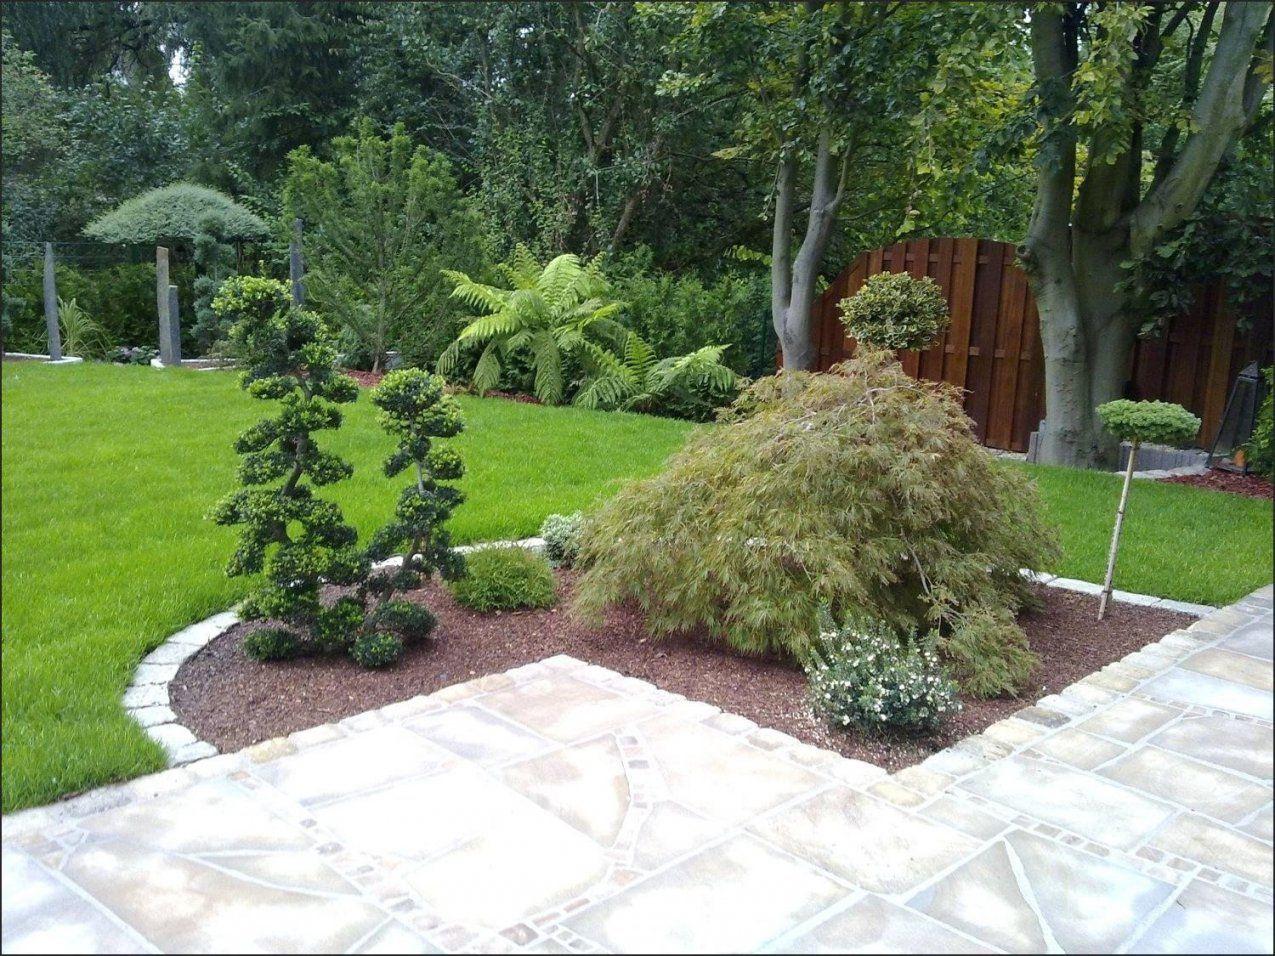 Garten Mit Kies Bilder Inspirierend Best Garten Mit Steinen von Garten Mit Kies Bilder Photo